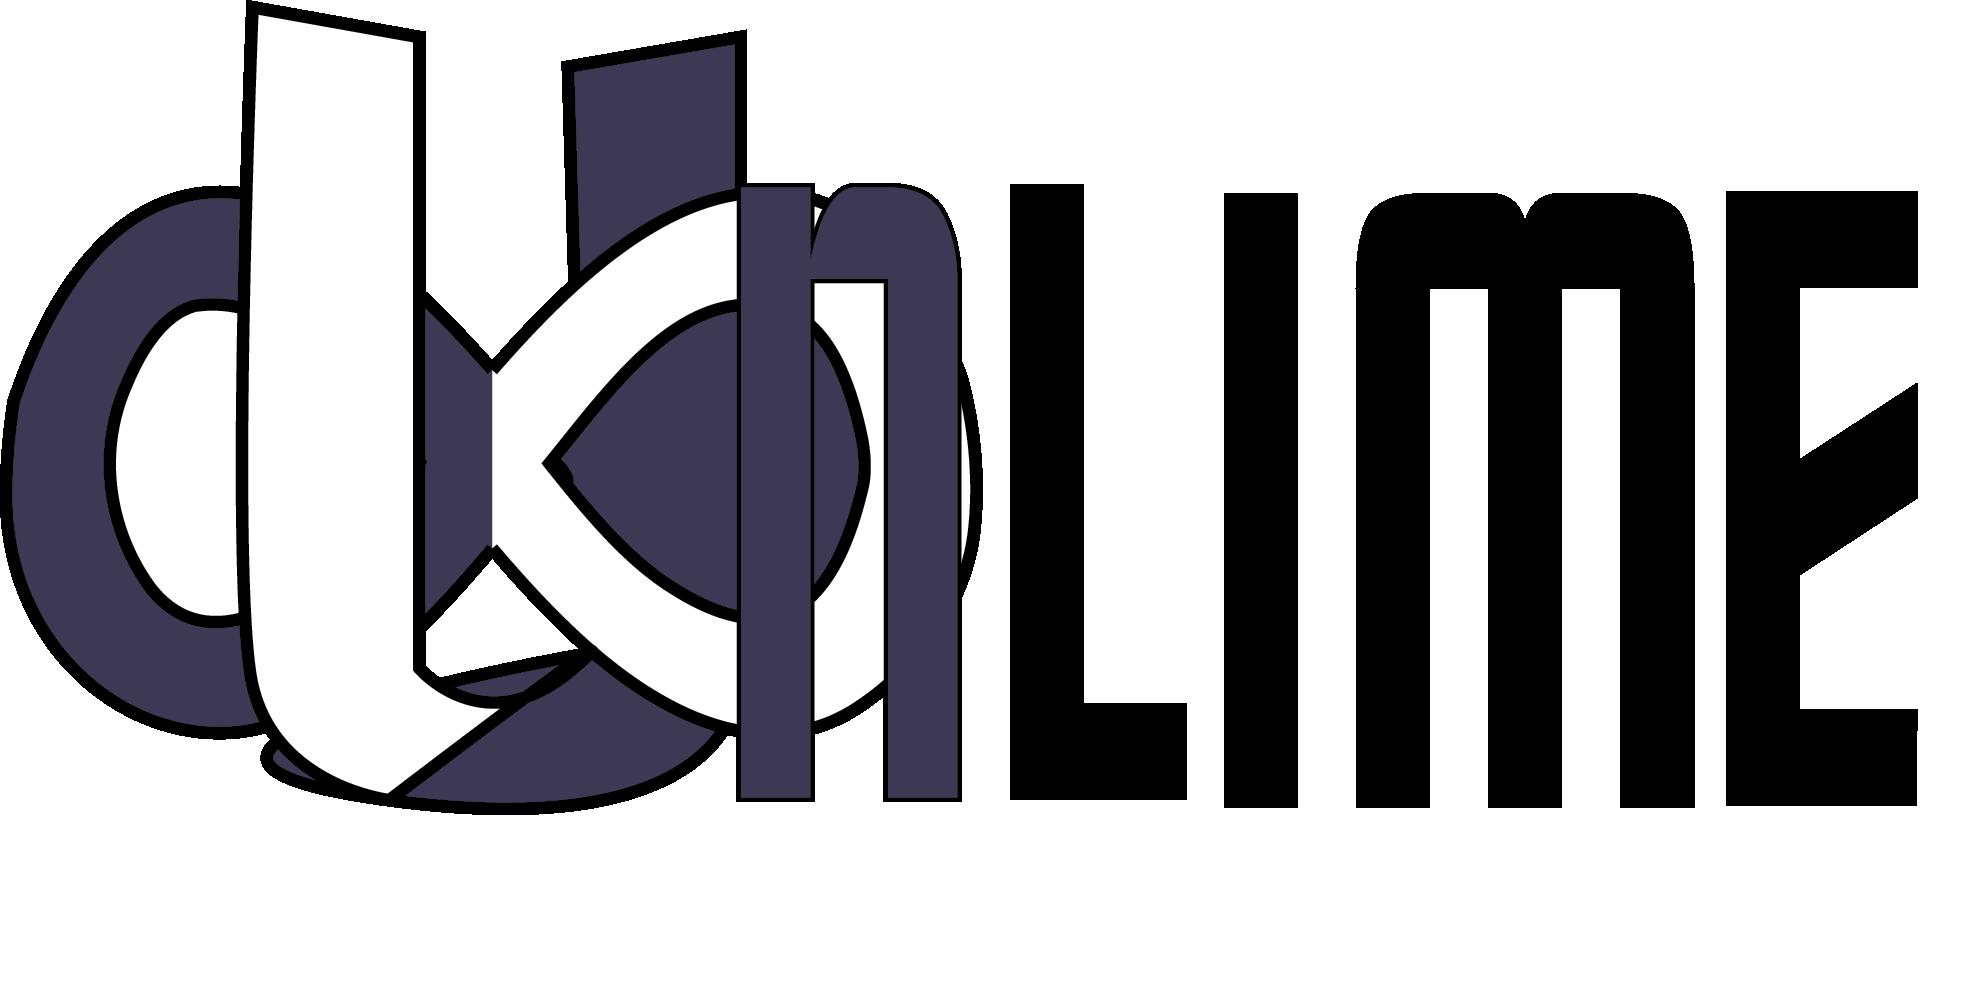 Разработка логотипа и фирменного стиля фото f_344595d06e76447d.png